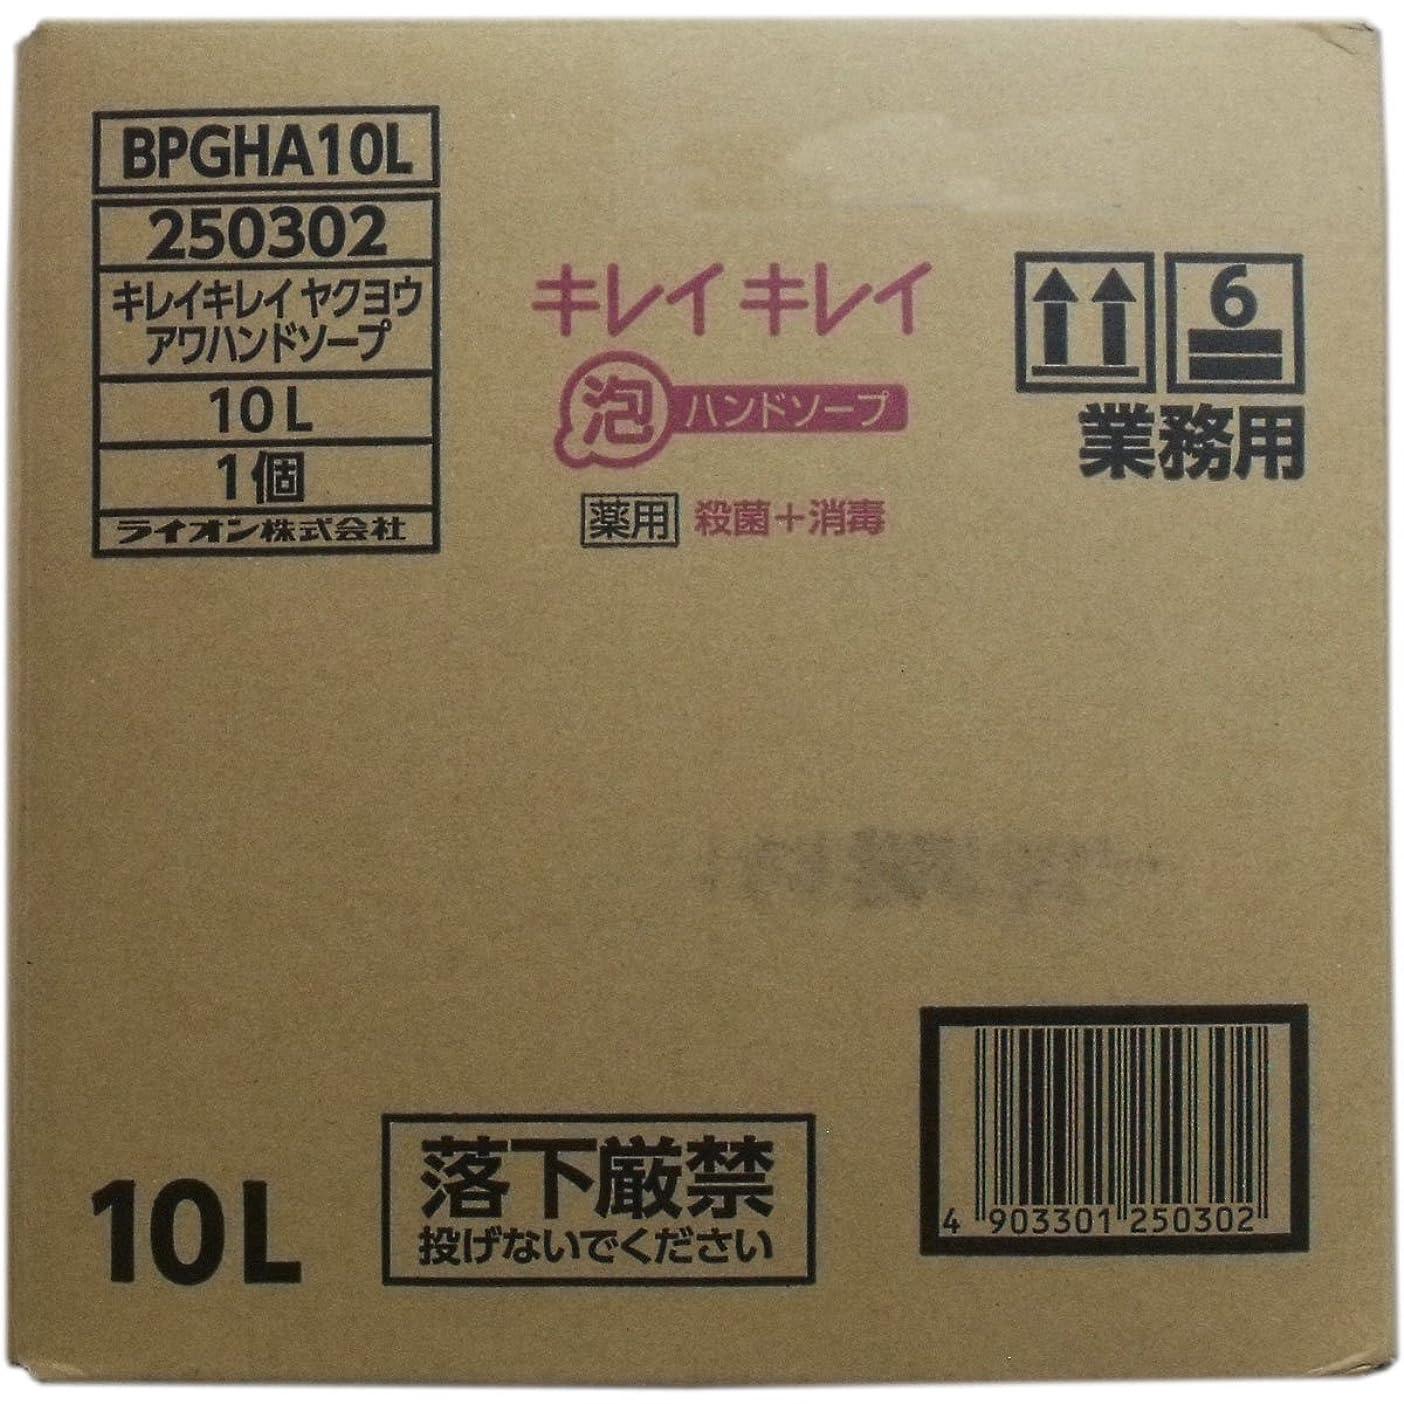 ドル毎日ゴシップ業務用キレイキレイ 薬用泡ハンドソープ 10L×2個セット